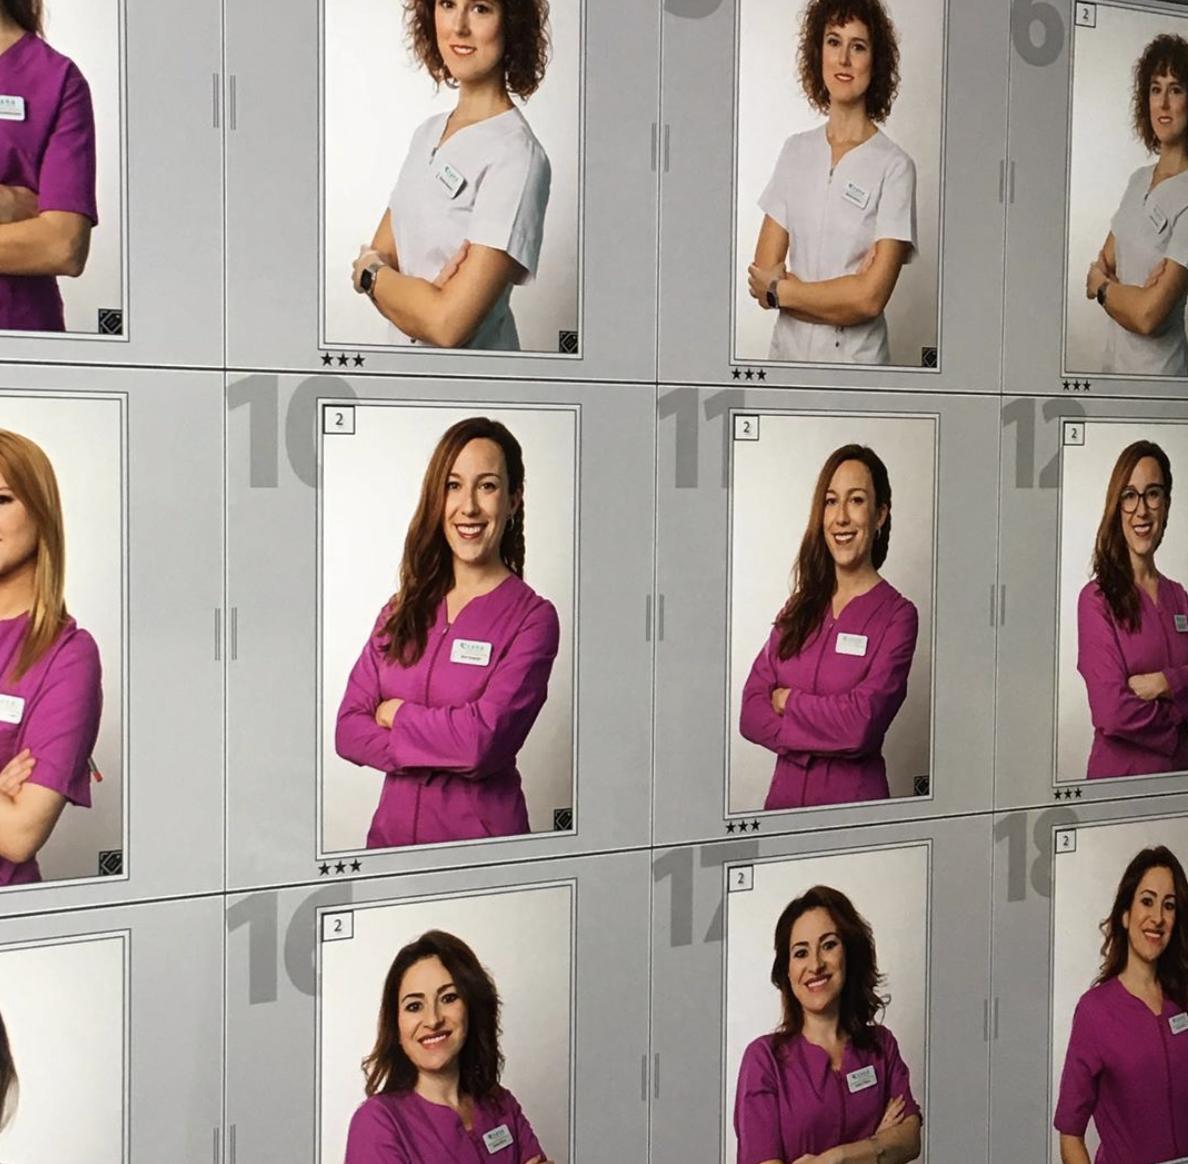 Fotografia Corporativa - EXANA Centro clínico